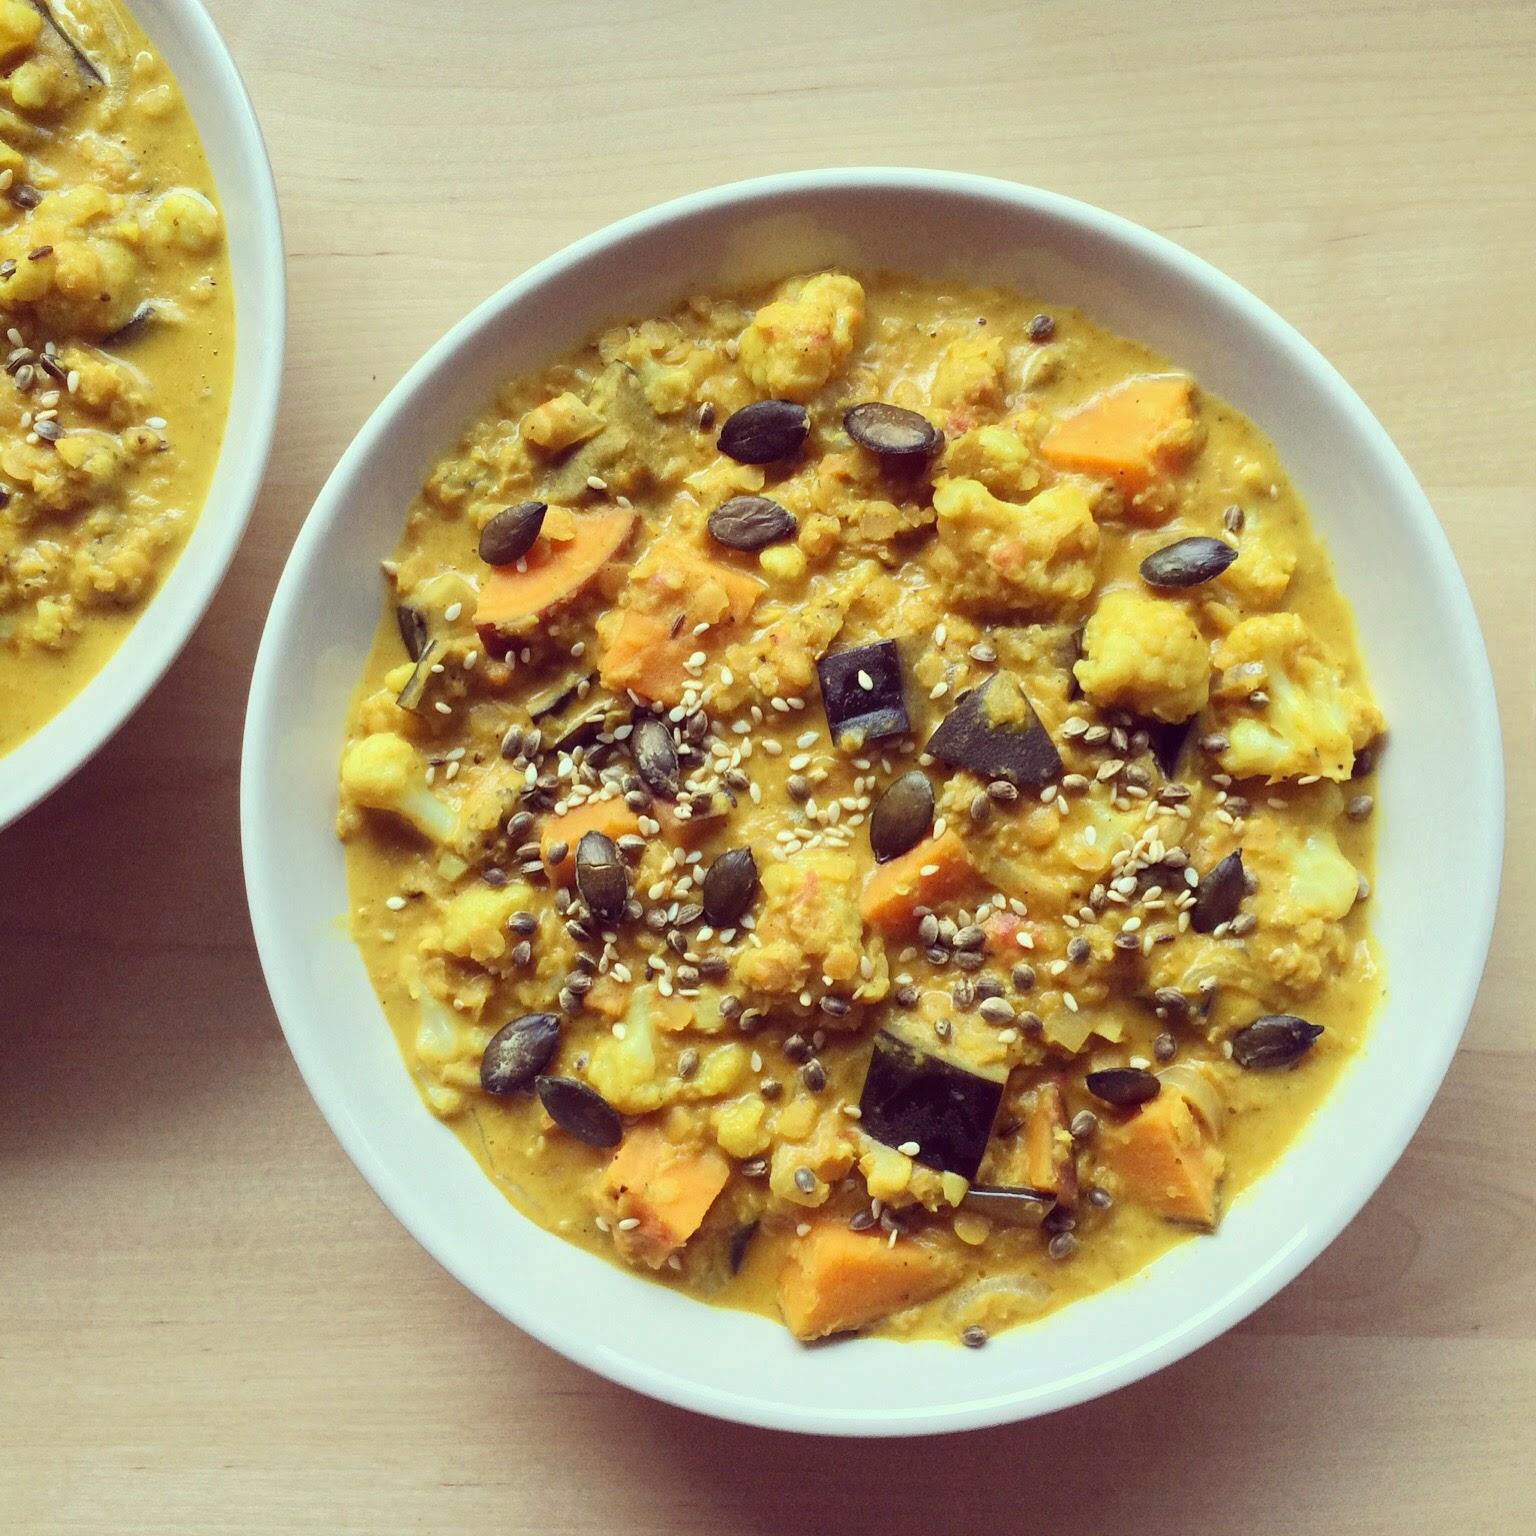 dahl de lentilles au lait de coco patate douce chou fleur aubergine bowl spoon